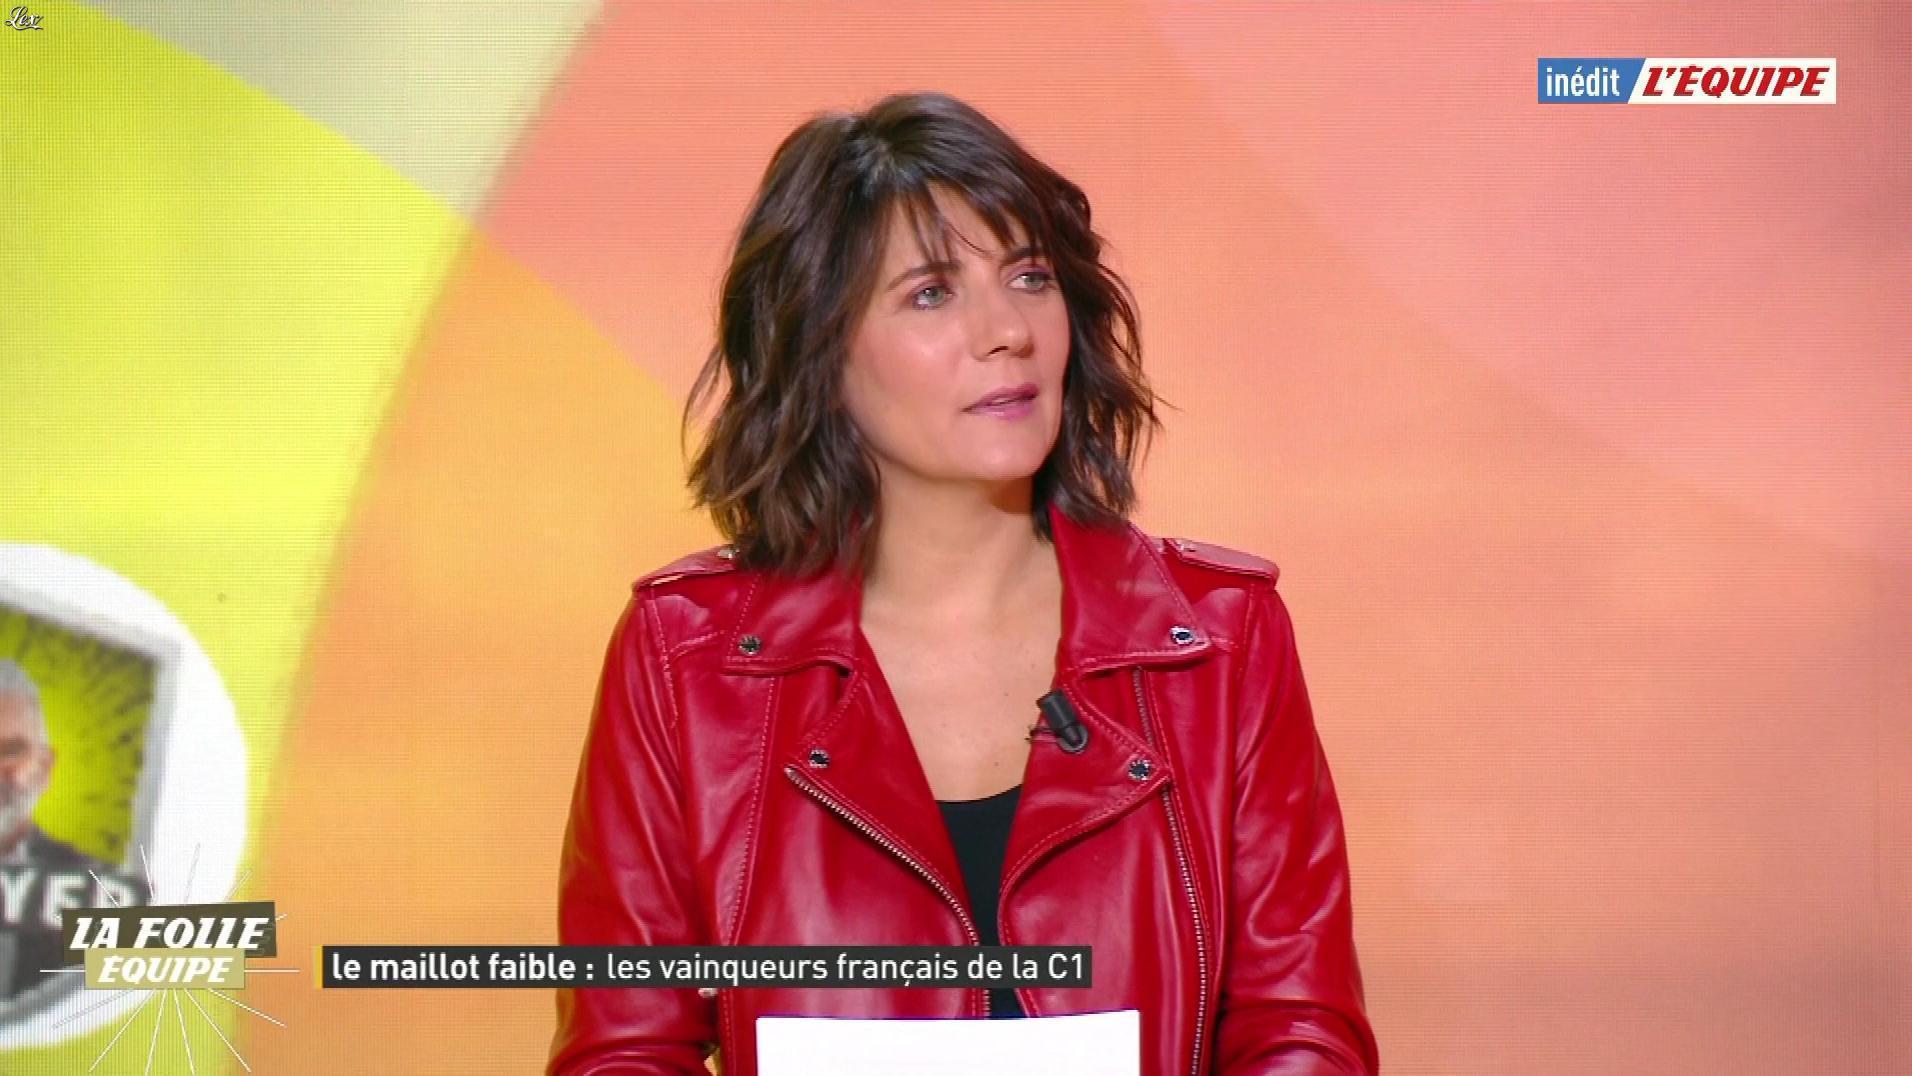 Estelle Denis dans la Folle Equipe. Diffusé à la télévision le 05/03/20.